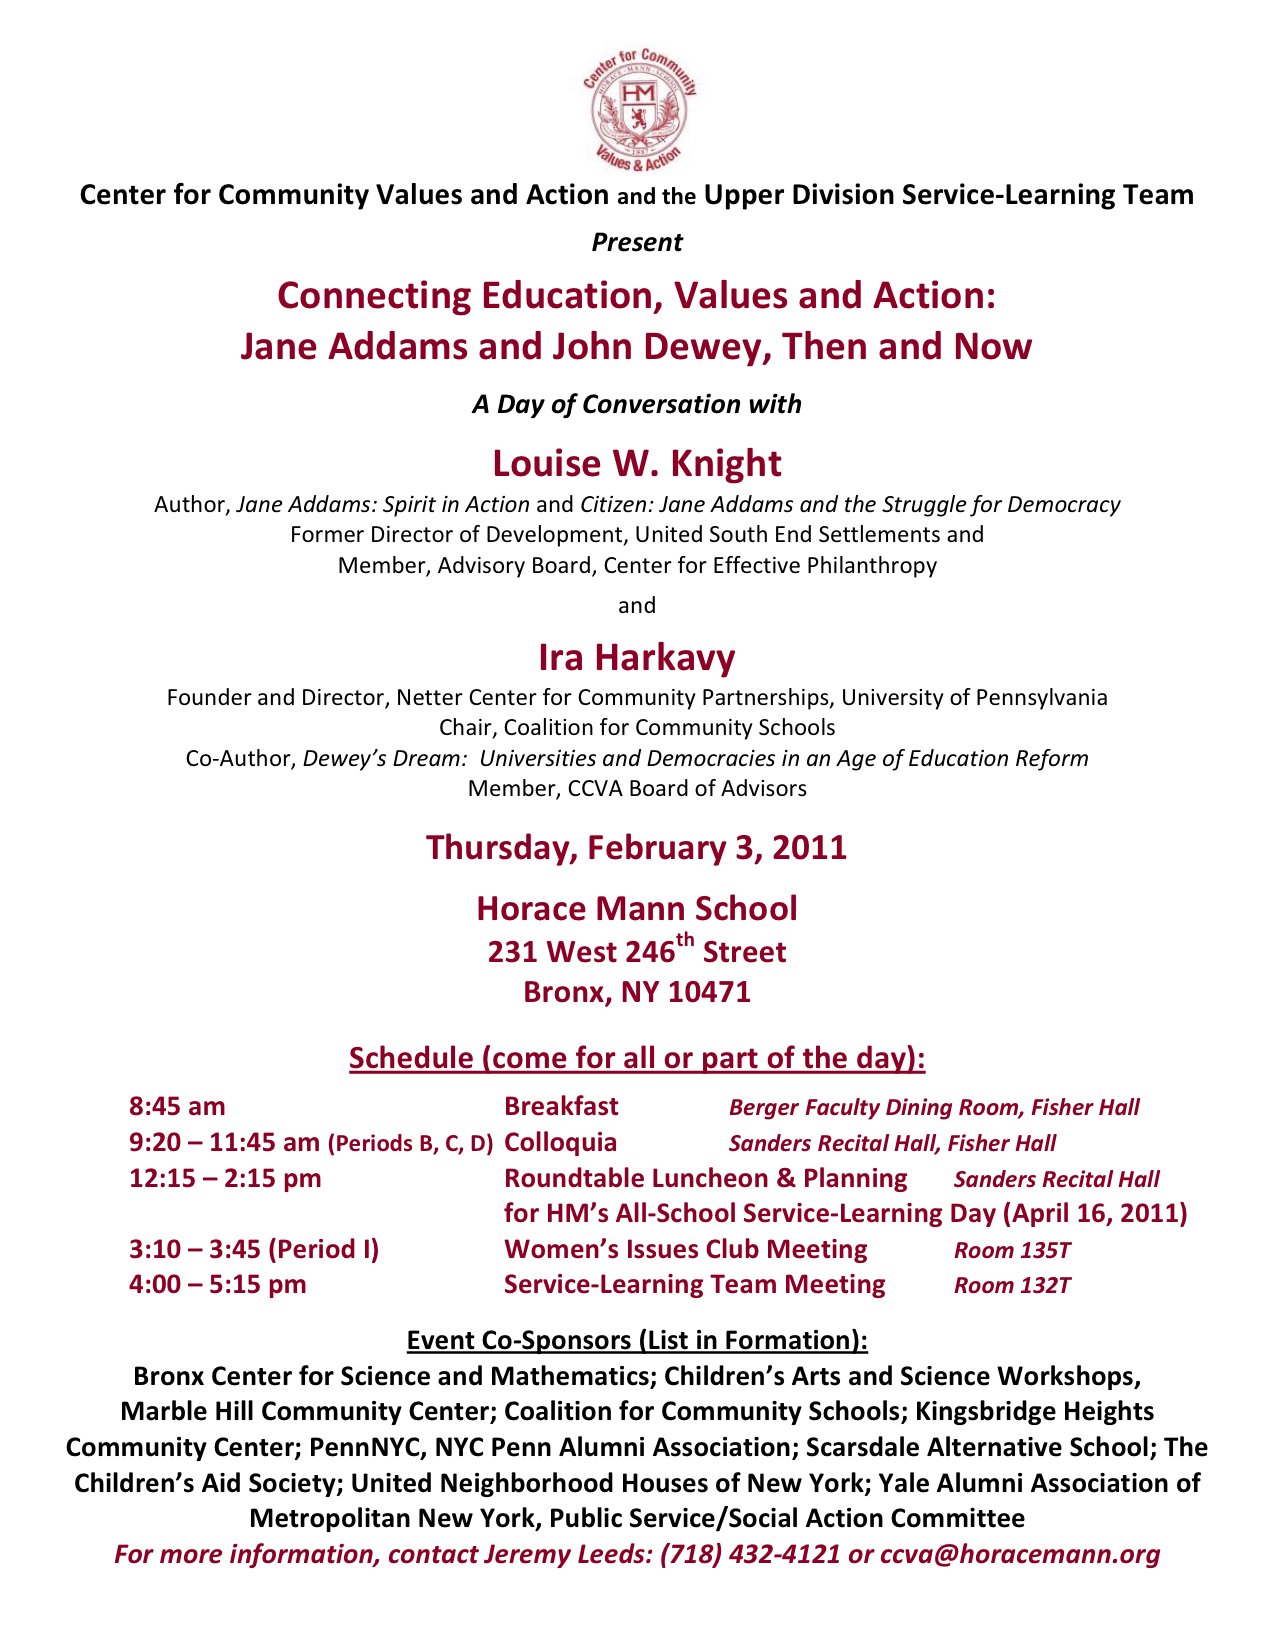 CCVA conference program